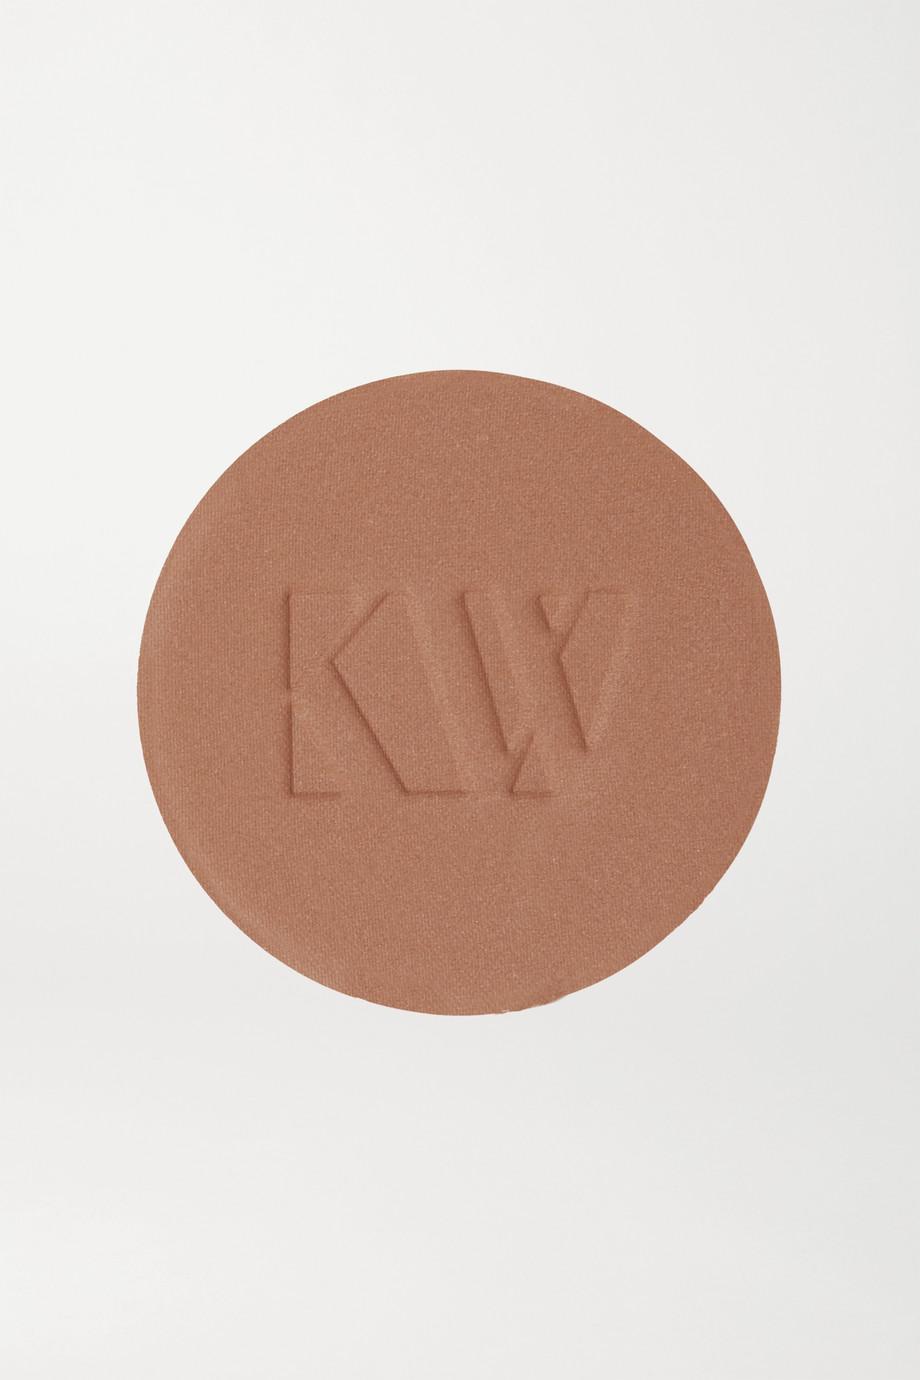 Kjaer Weis Recharge de poudre bronzante, Faint